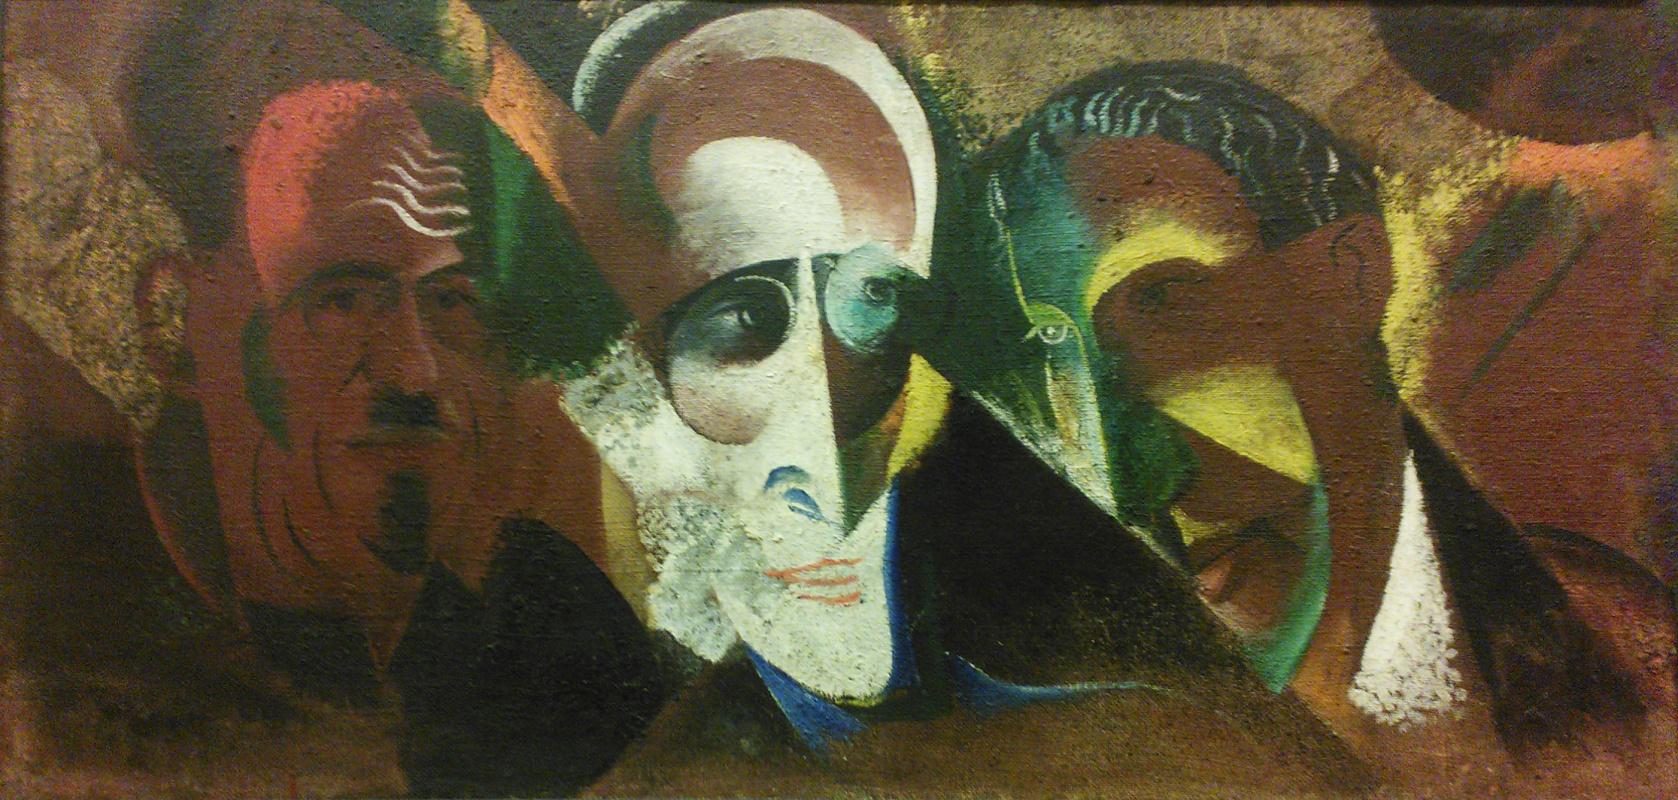 Виктор Никандрович Пальмов. Групповой портрет (М.Чужак, С.Третьяков, М.Асеев)